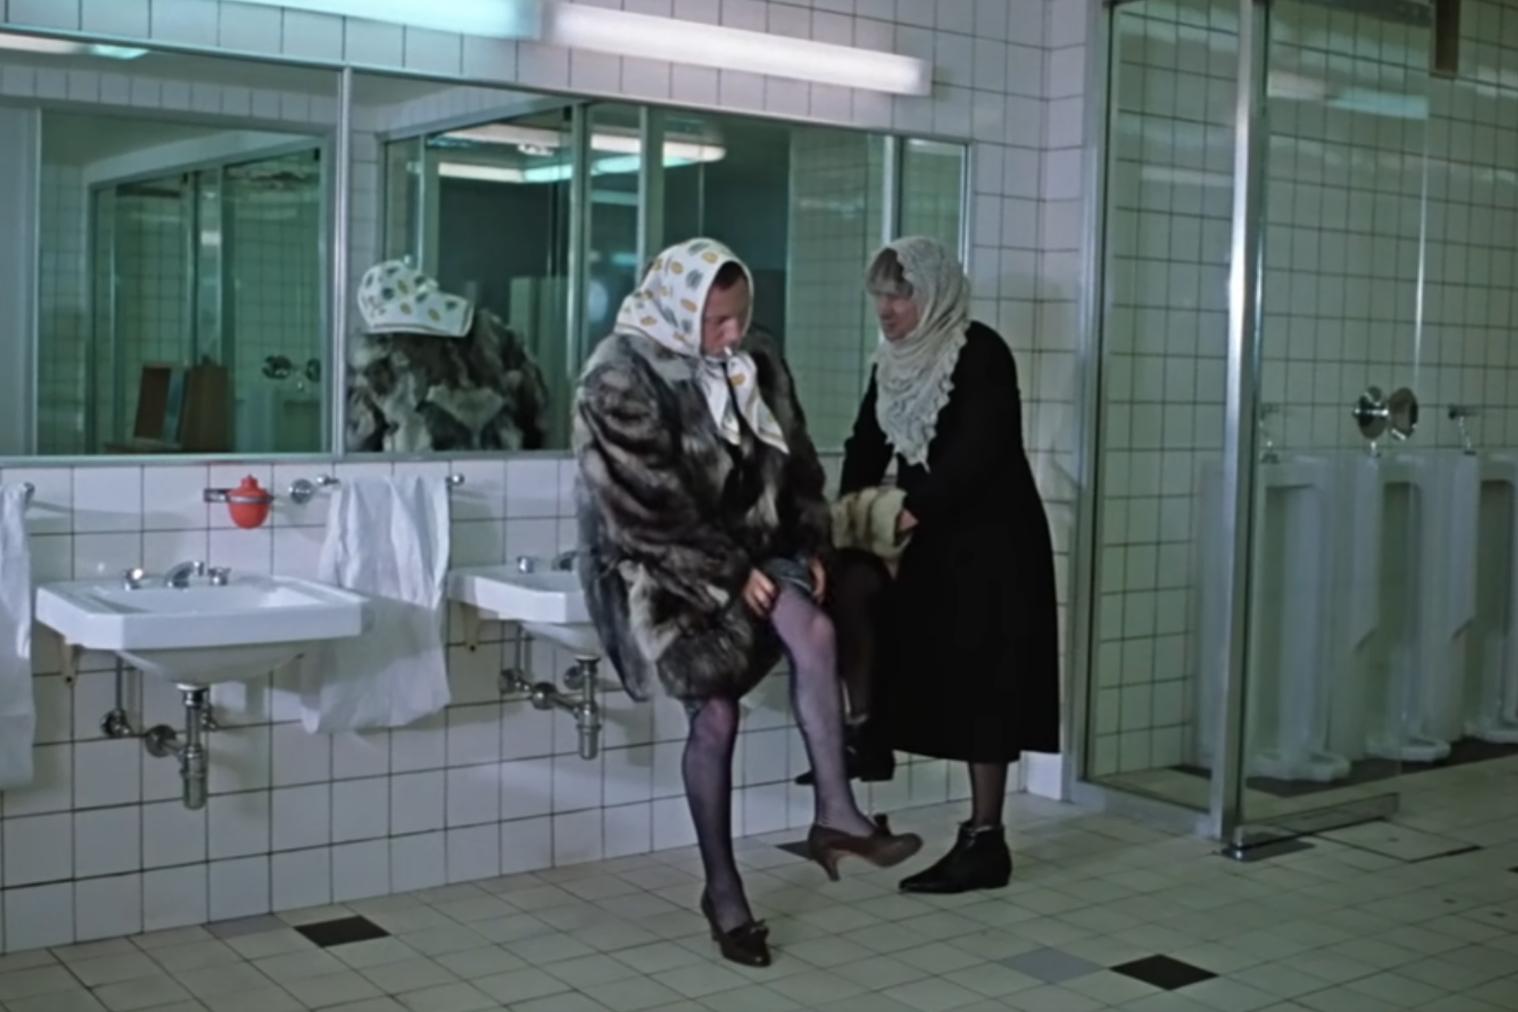 15. Сцена в туалете (обратите внимание на писсуары. Хичкок был первым, кто показал унитаз на экране в Психо и снял табу с туалетных сцен)